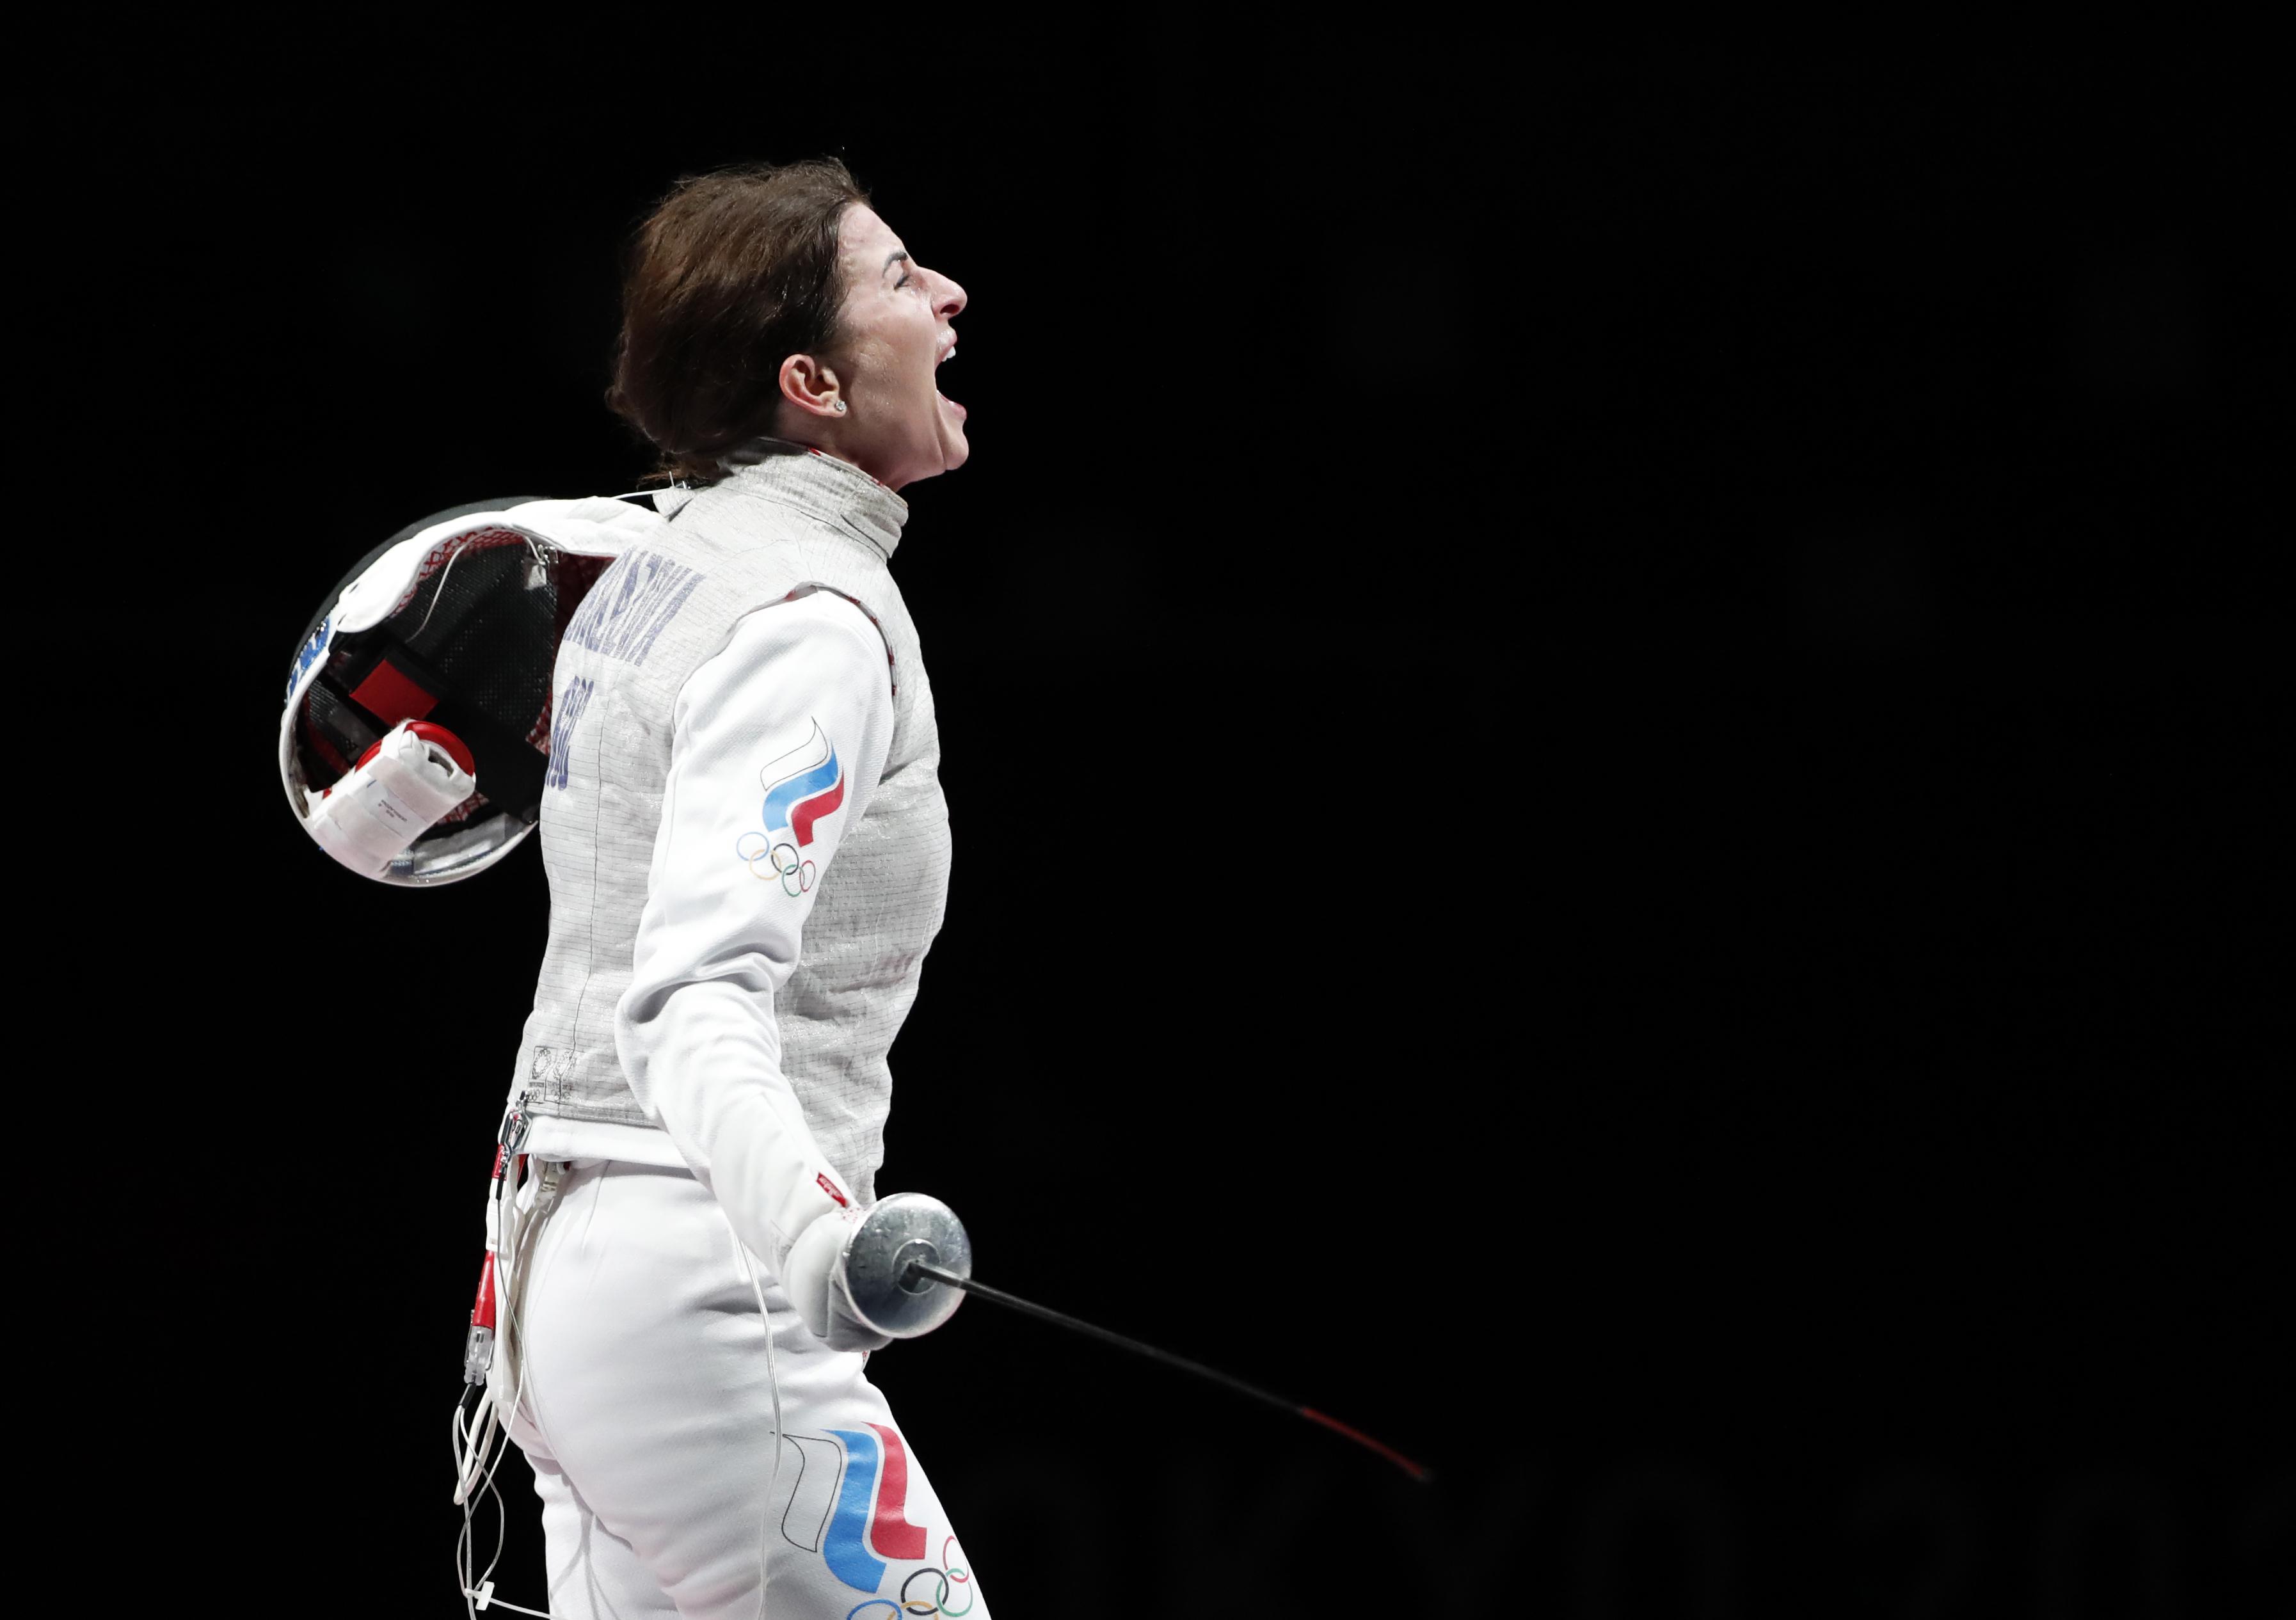 Дериглазова завоевала серебро Олимпиады в фехтовании на рапирах - фото